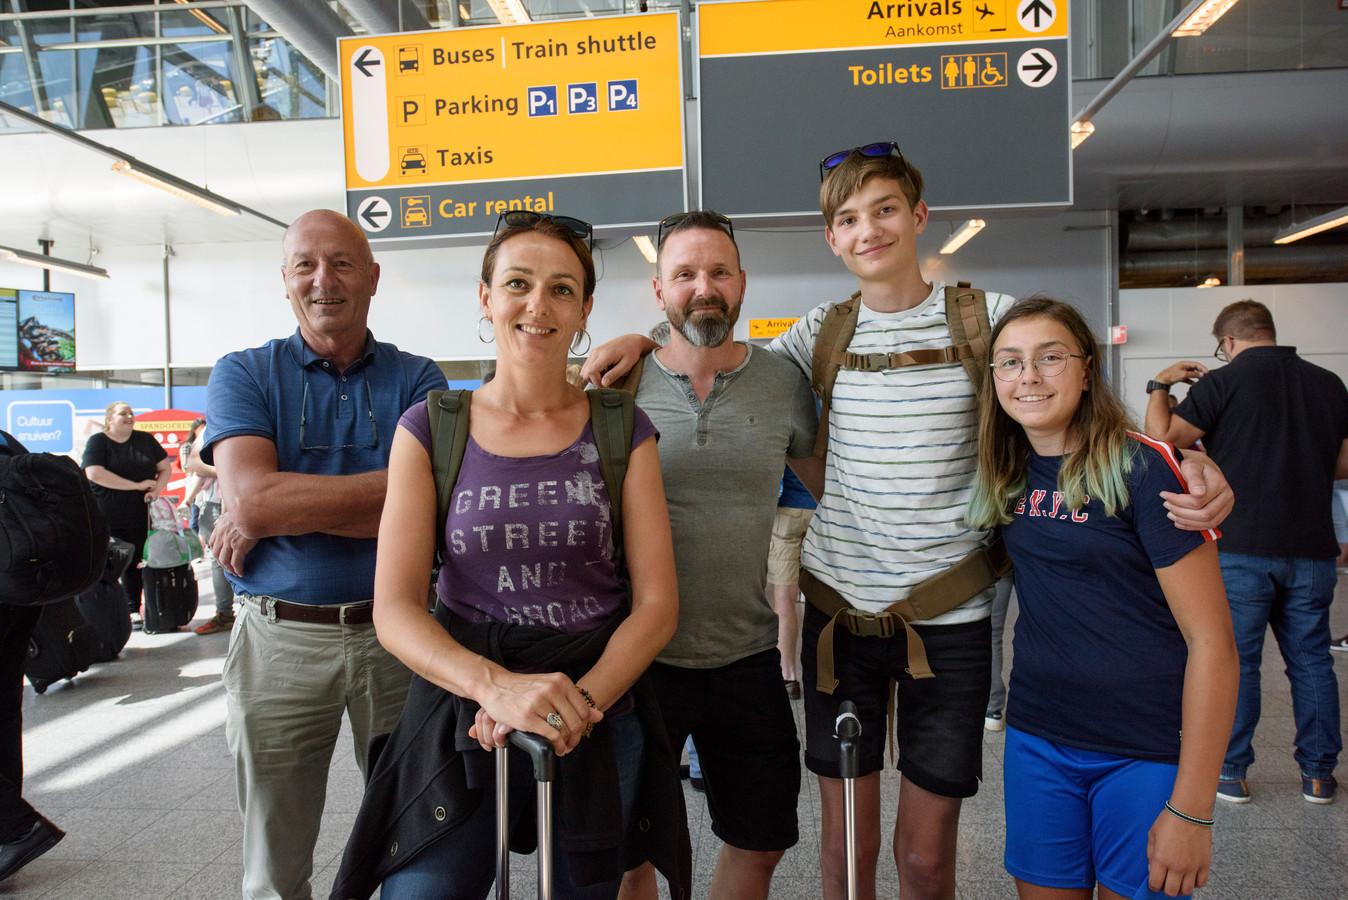 EINDHOVEN - TUI reizigers die terugkomen op Eindhoven Airport na gestrand te zijn in Montnegro